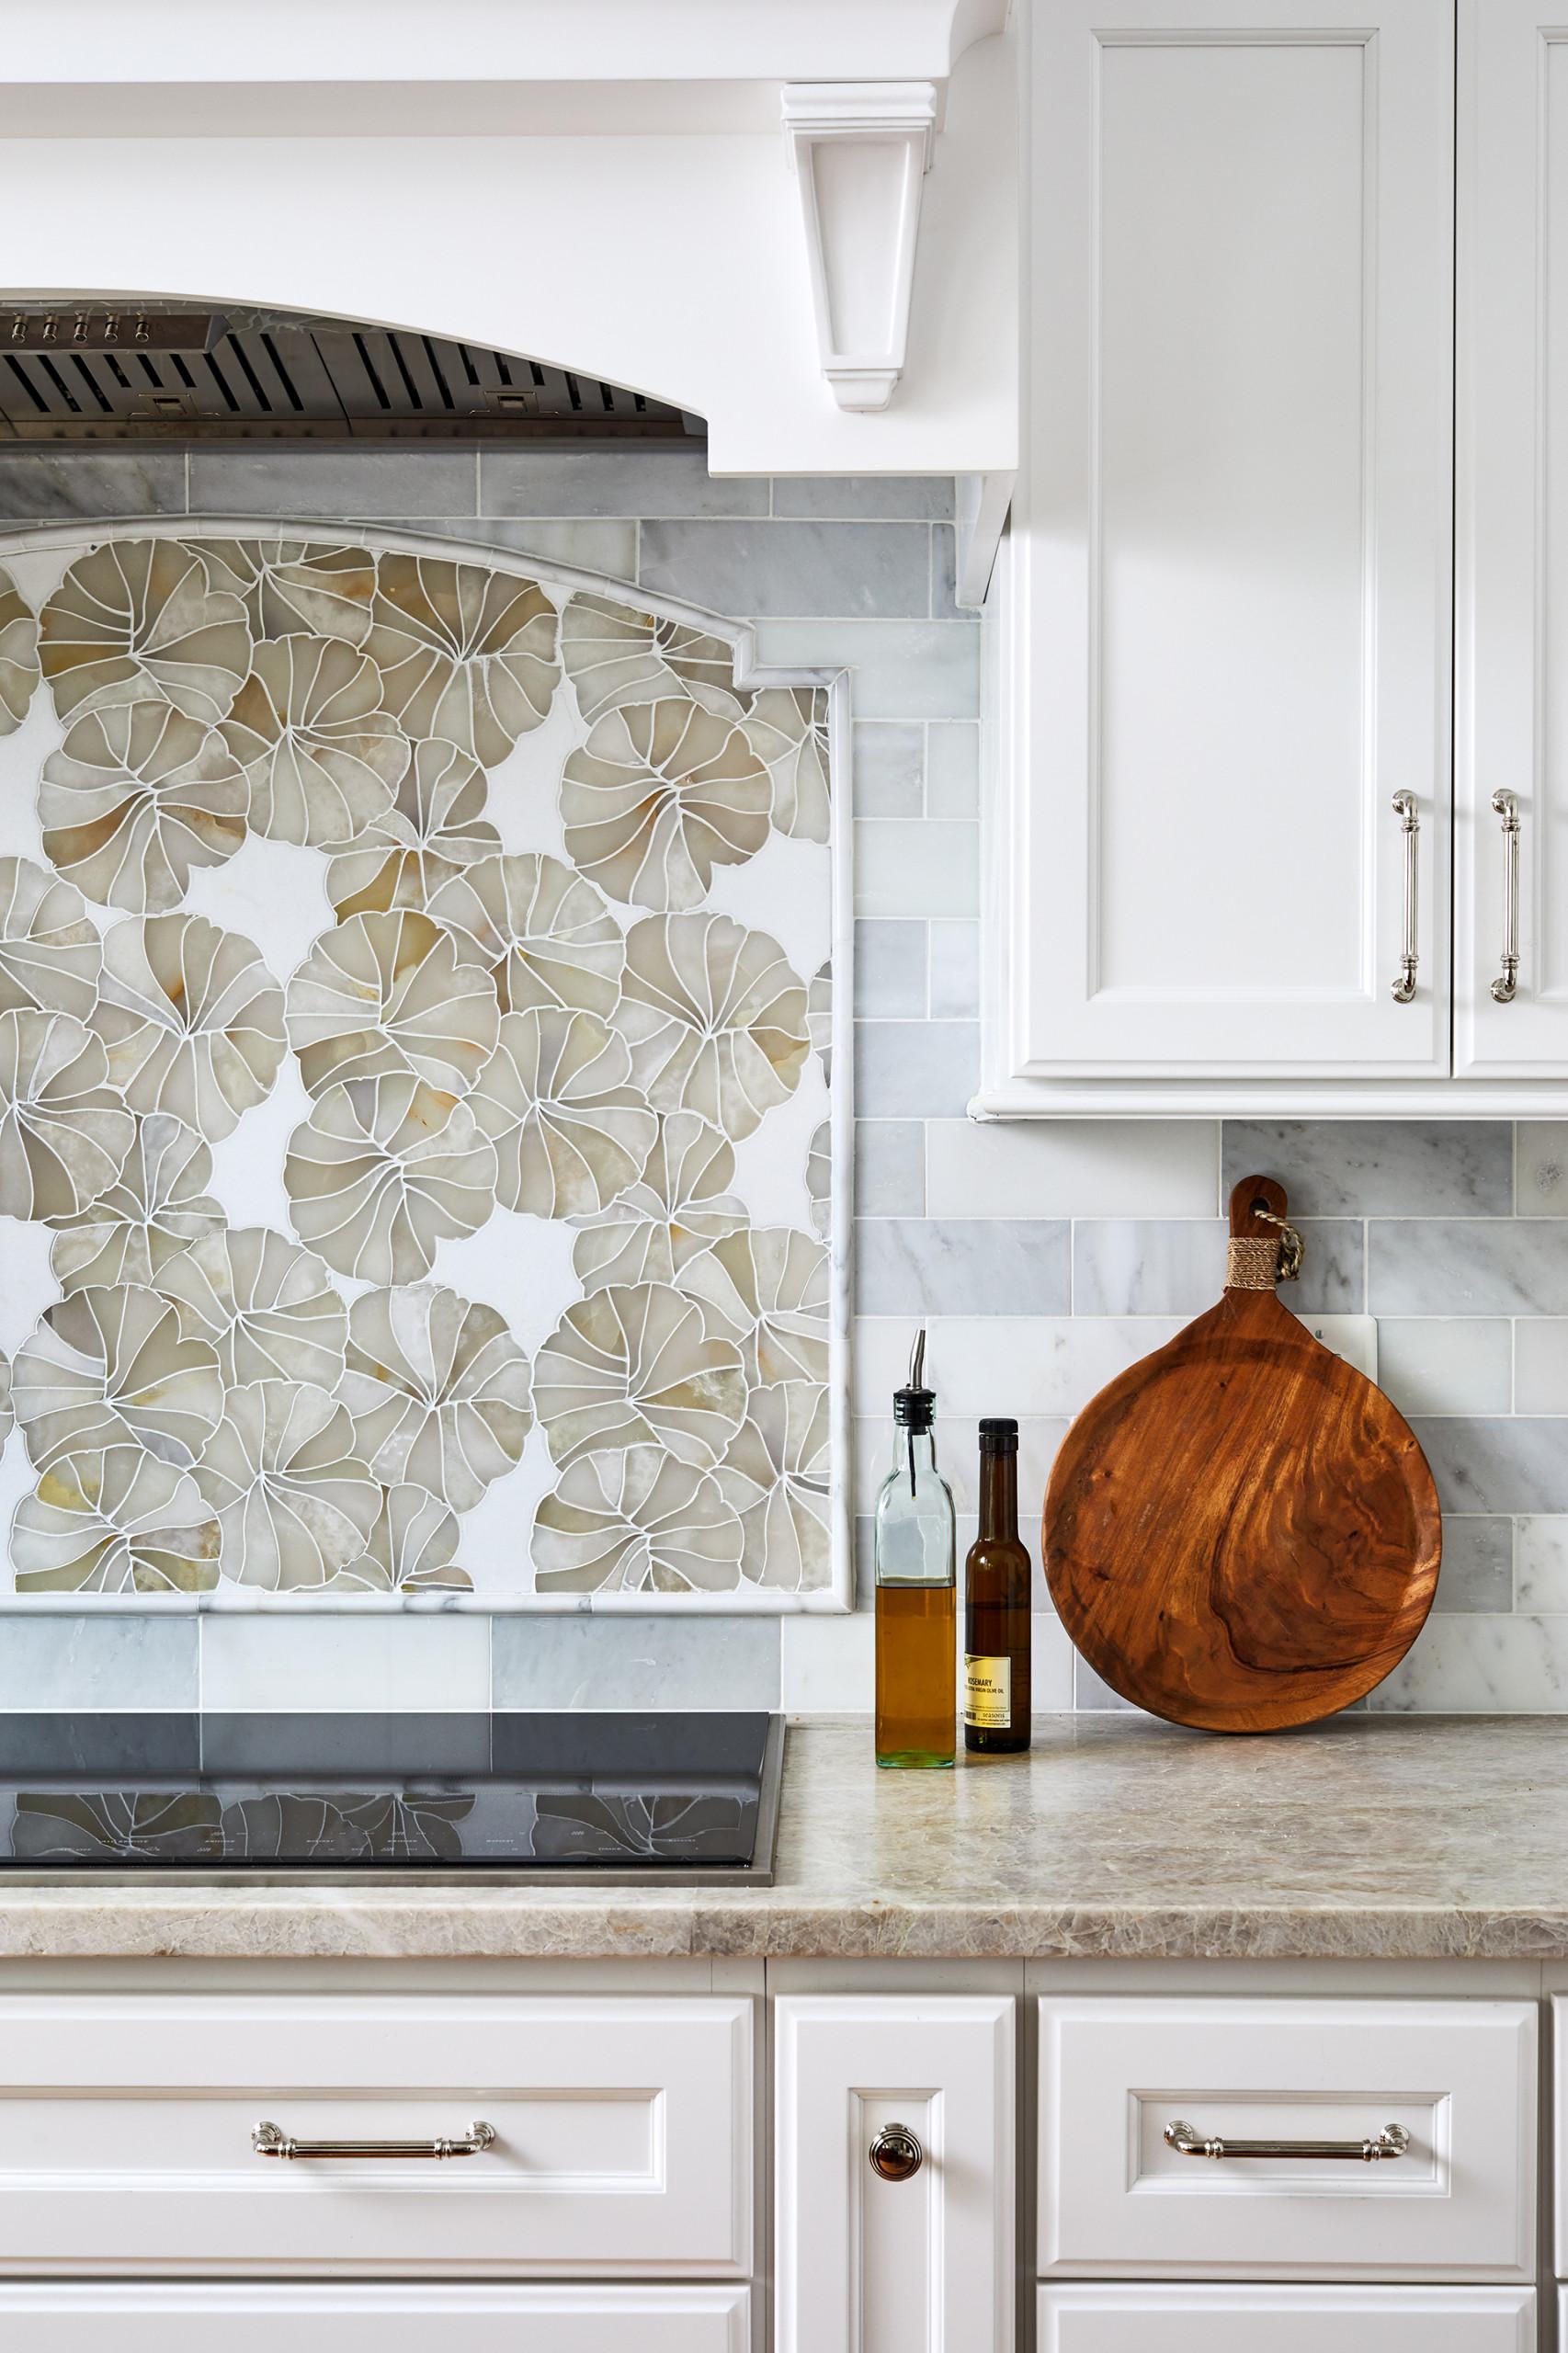 9 Best Kitchen Remodel Design Ideas & Photos   April 9   Houzz